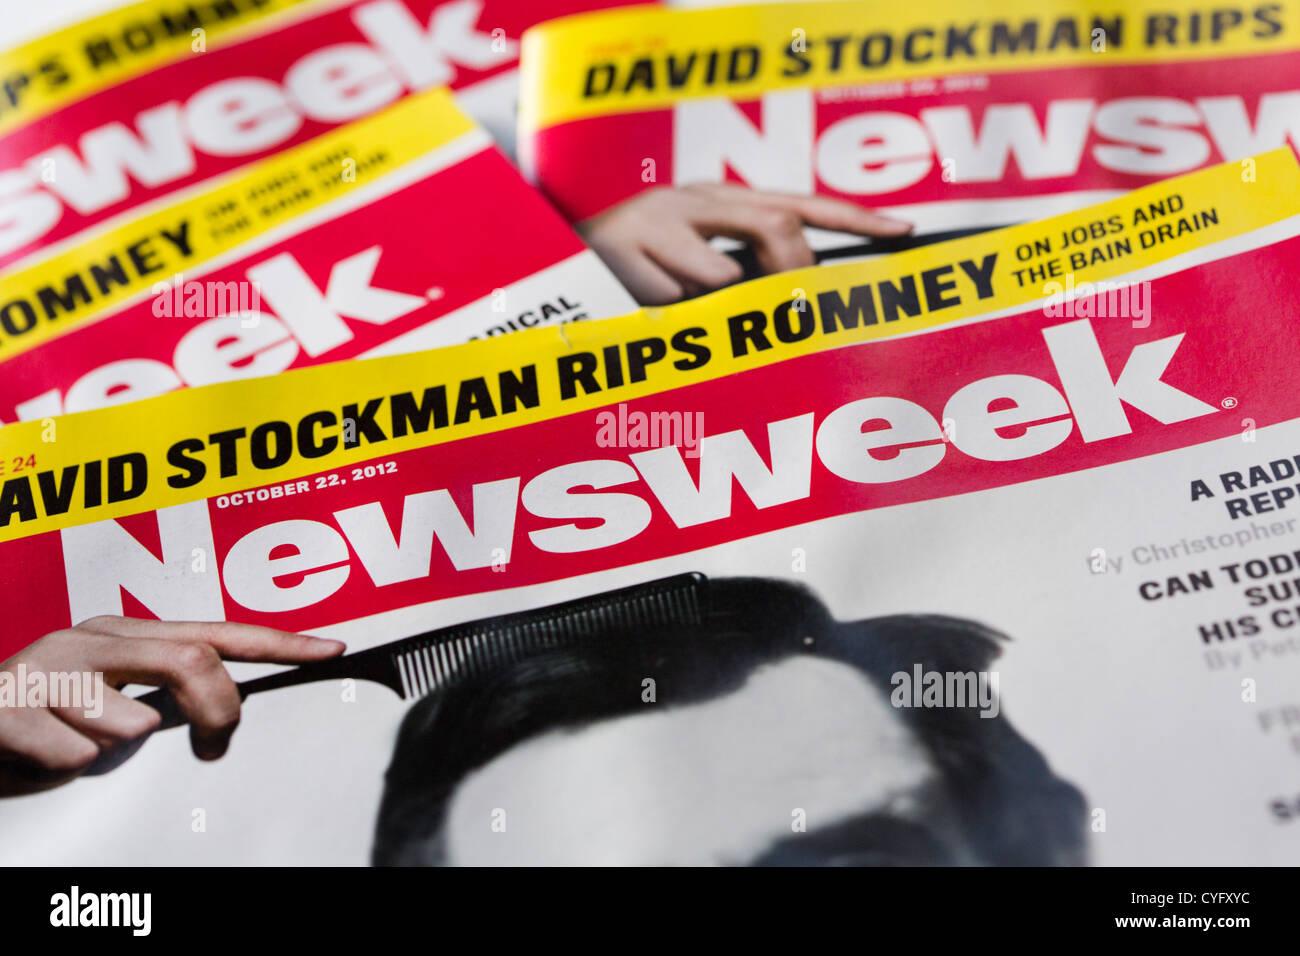 Copie stampate della rivista Newsweek. Immagini Stock